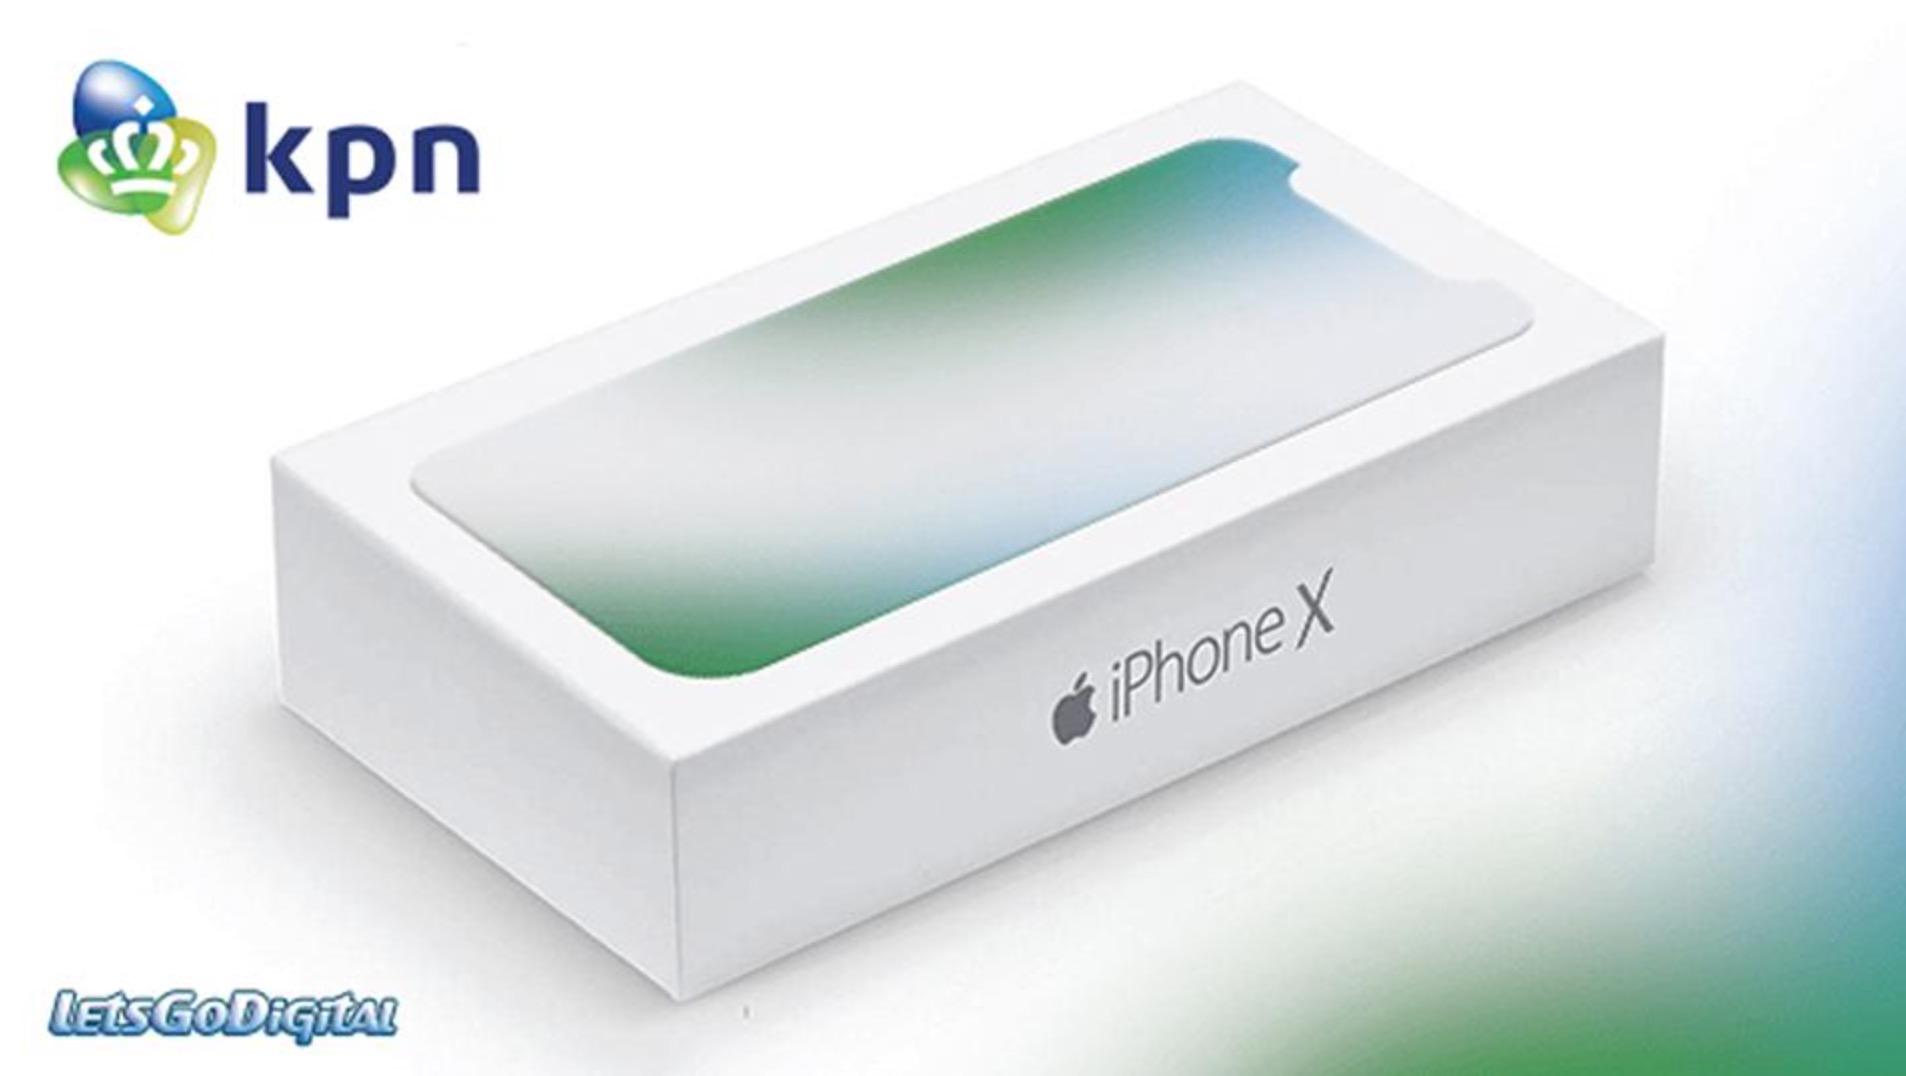 iPhone X confezione scatola smartphone